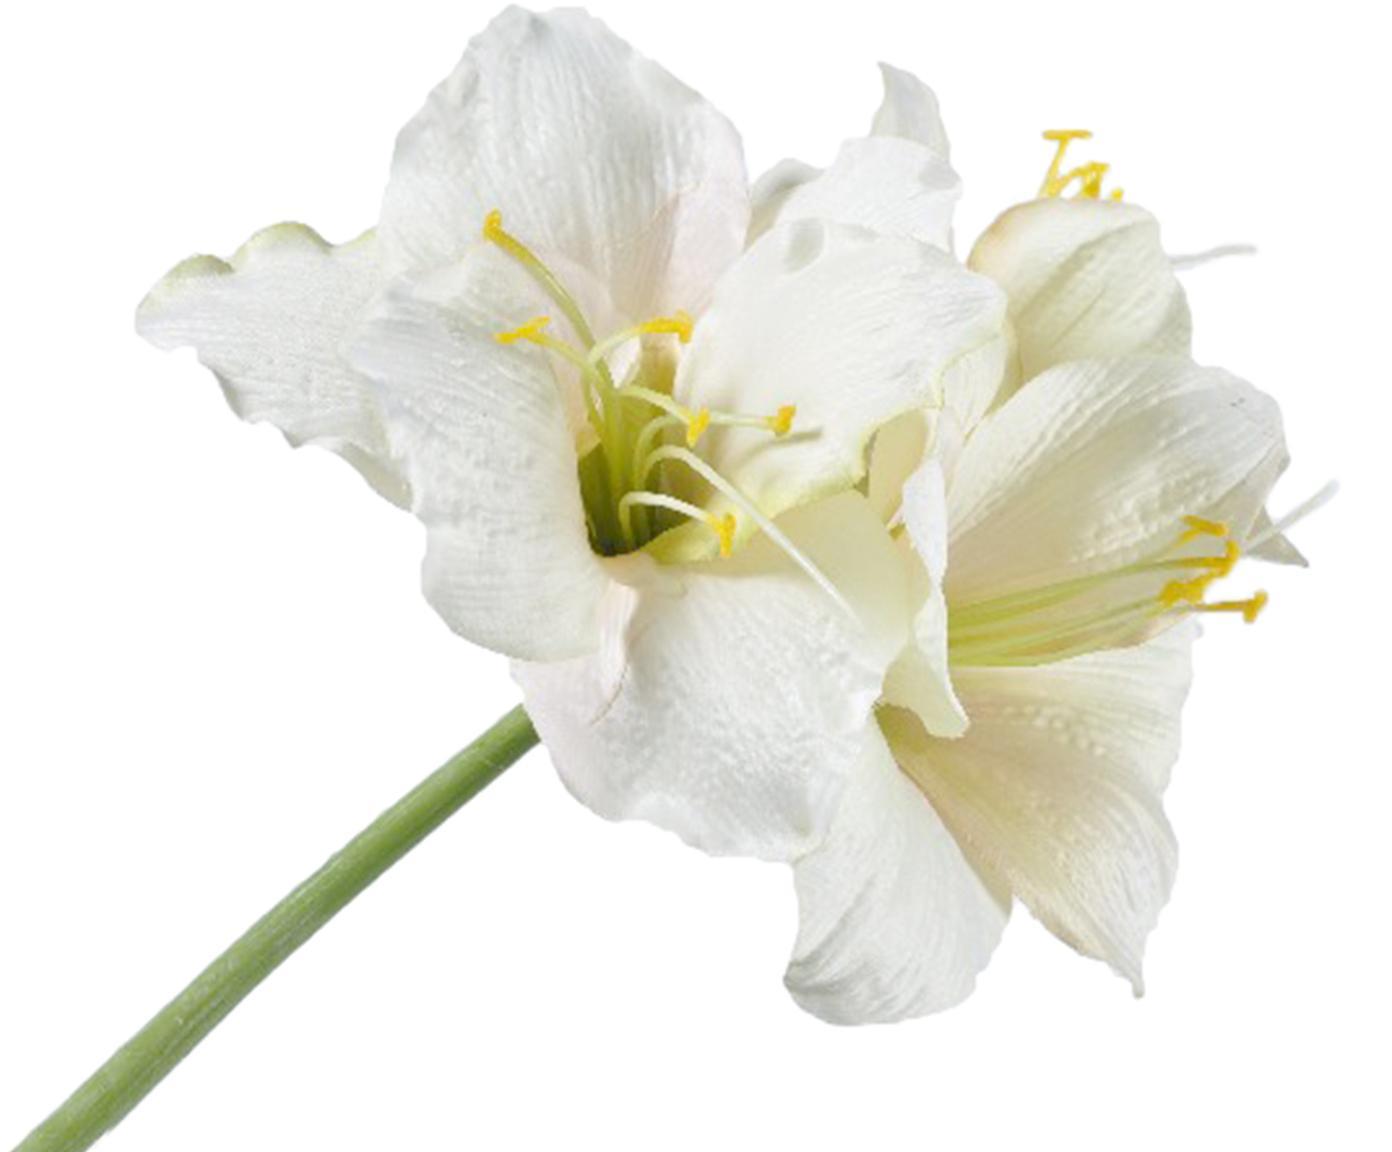 Kunstblume Amaryllis, Polyester, Kunststoff, Metall, Weiß, Gelb, Grün, L 54 cm